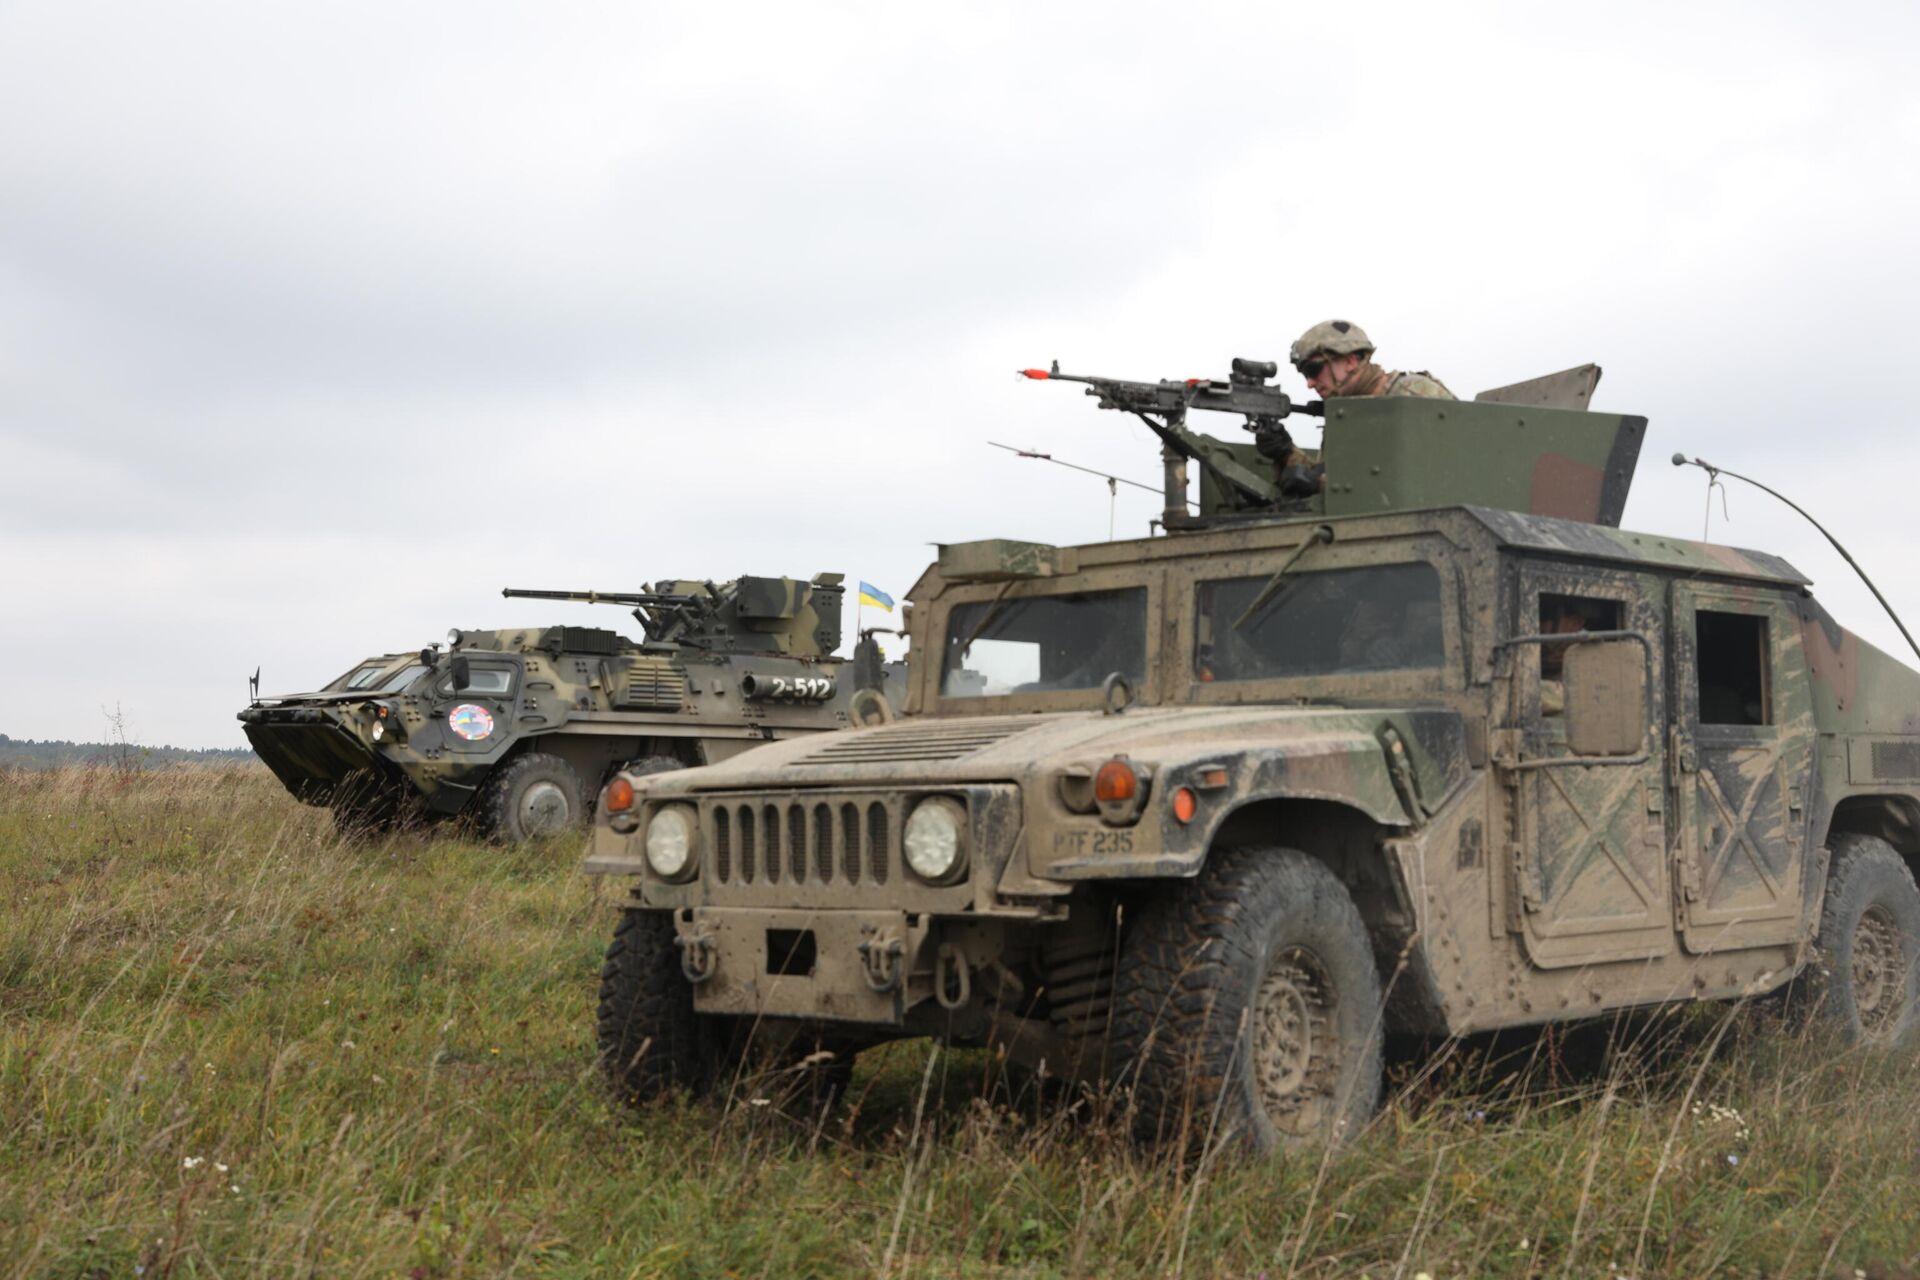 Военнослужащие США и Украины во время учений Rapid Trident во Львовской области, Украина - РИА Новости, 1920, 27.04.2021